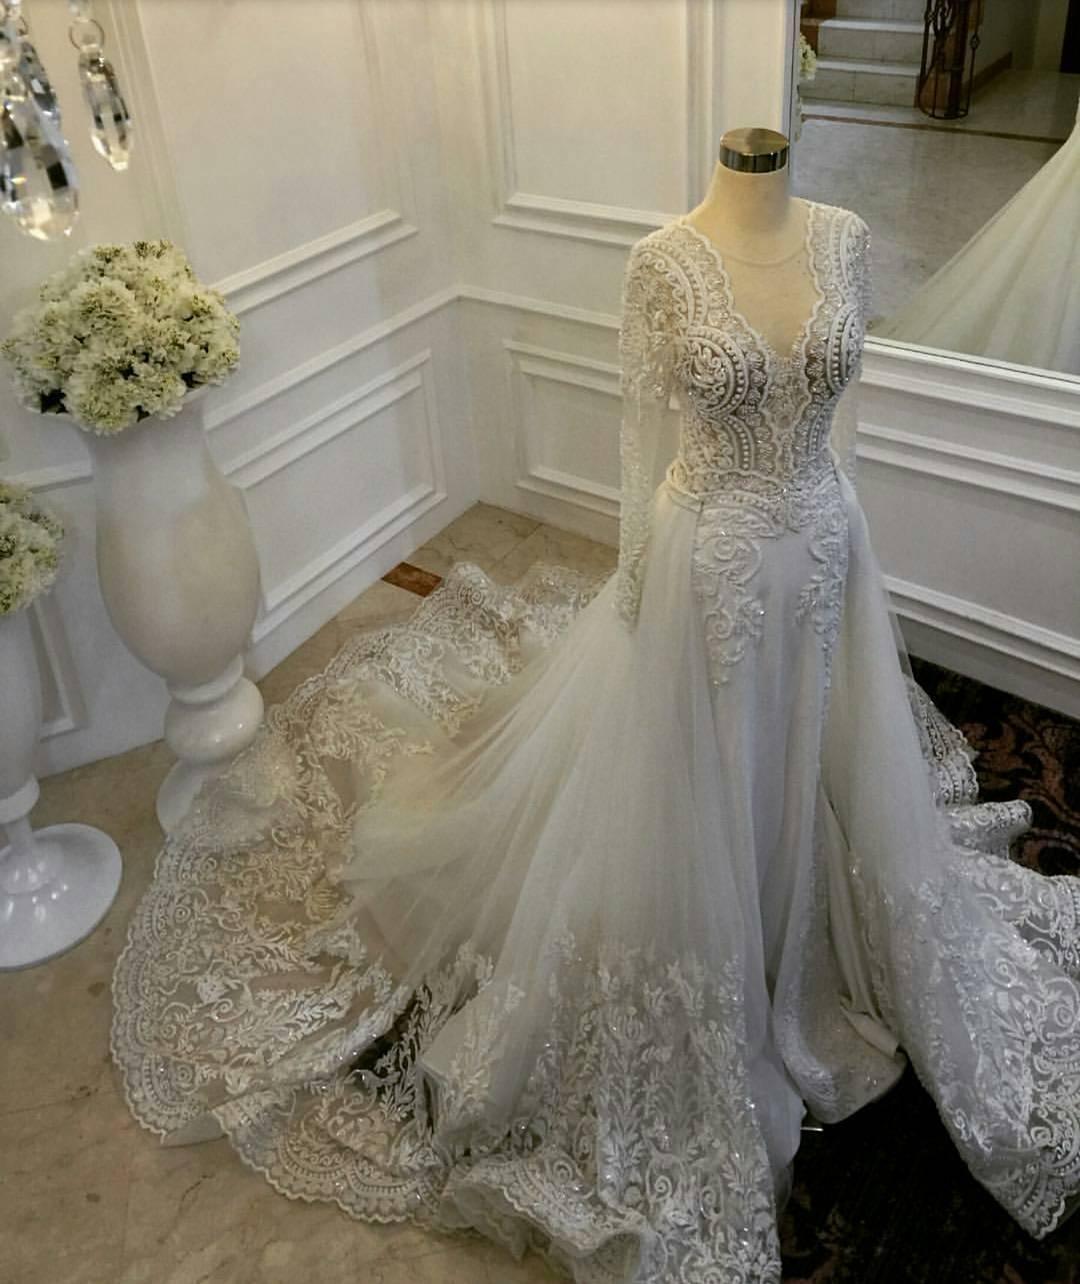 2019 인어 웨딩 드레스 분리형 열차 깎아 지른 보석 목 레이스 아첨 긴팔 웨딩 드레스가있는 신부 가운